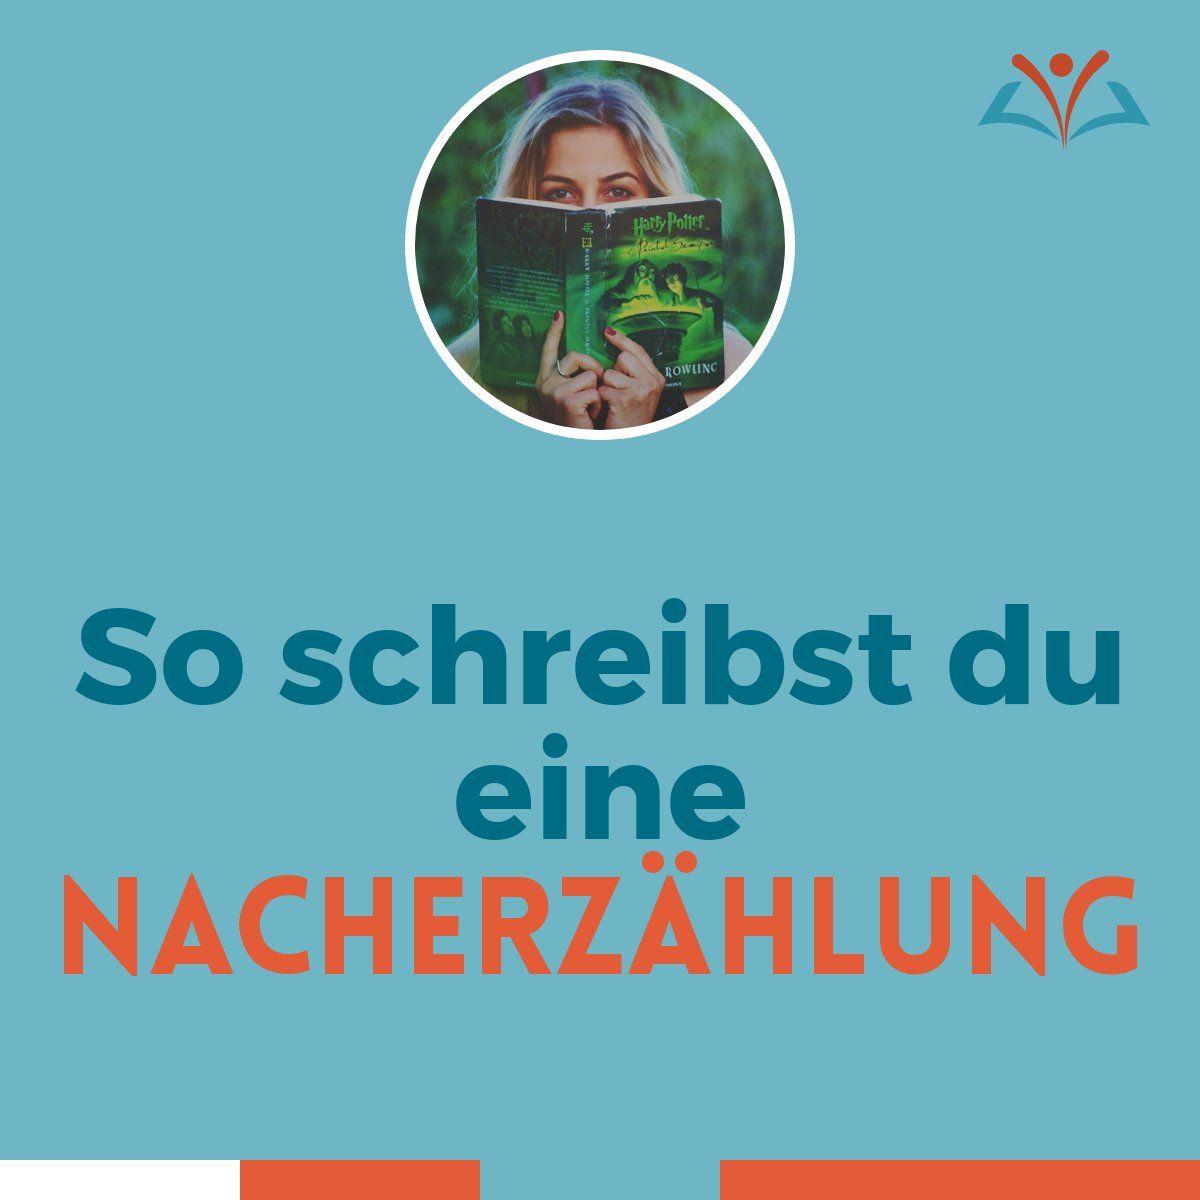 Nacherzählung Magazin Nachgeholfende Pinterest Deutsch